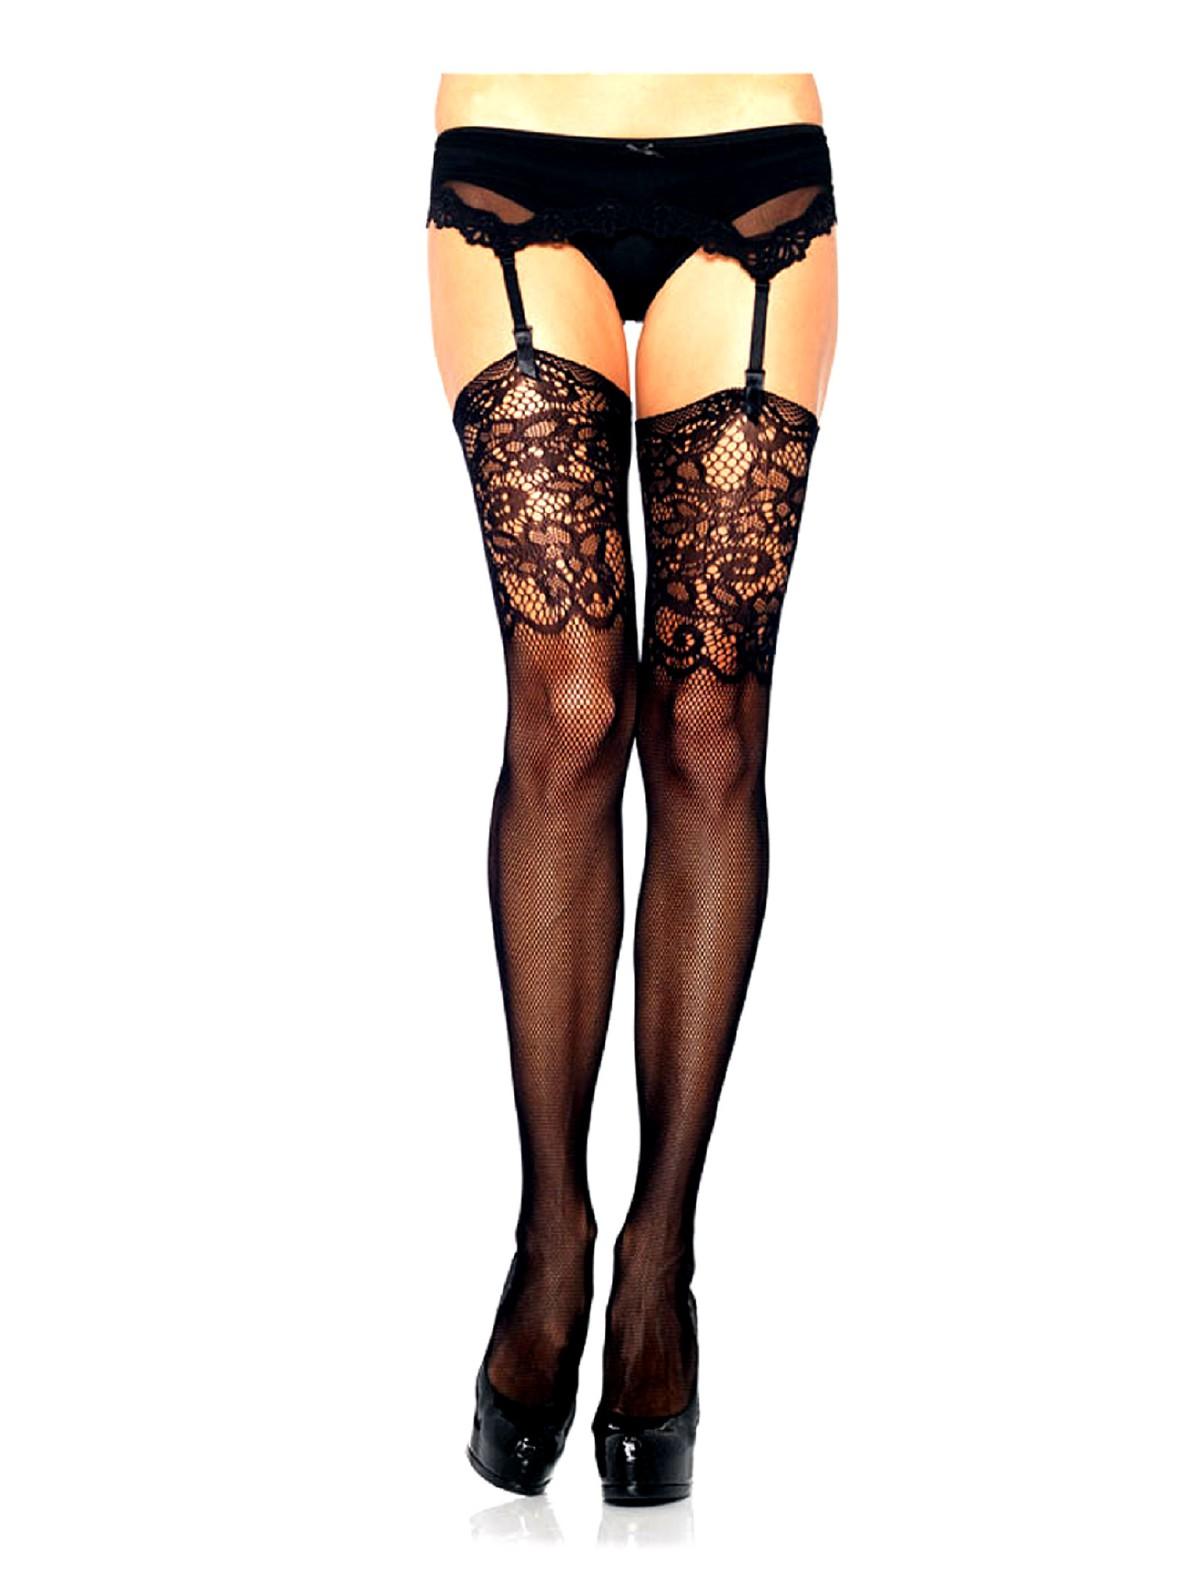 c7ce1c8dc7b Leg Avenue Jacquard Lace Fishnet Stockings